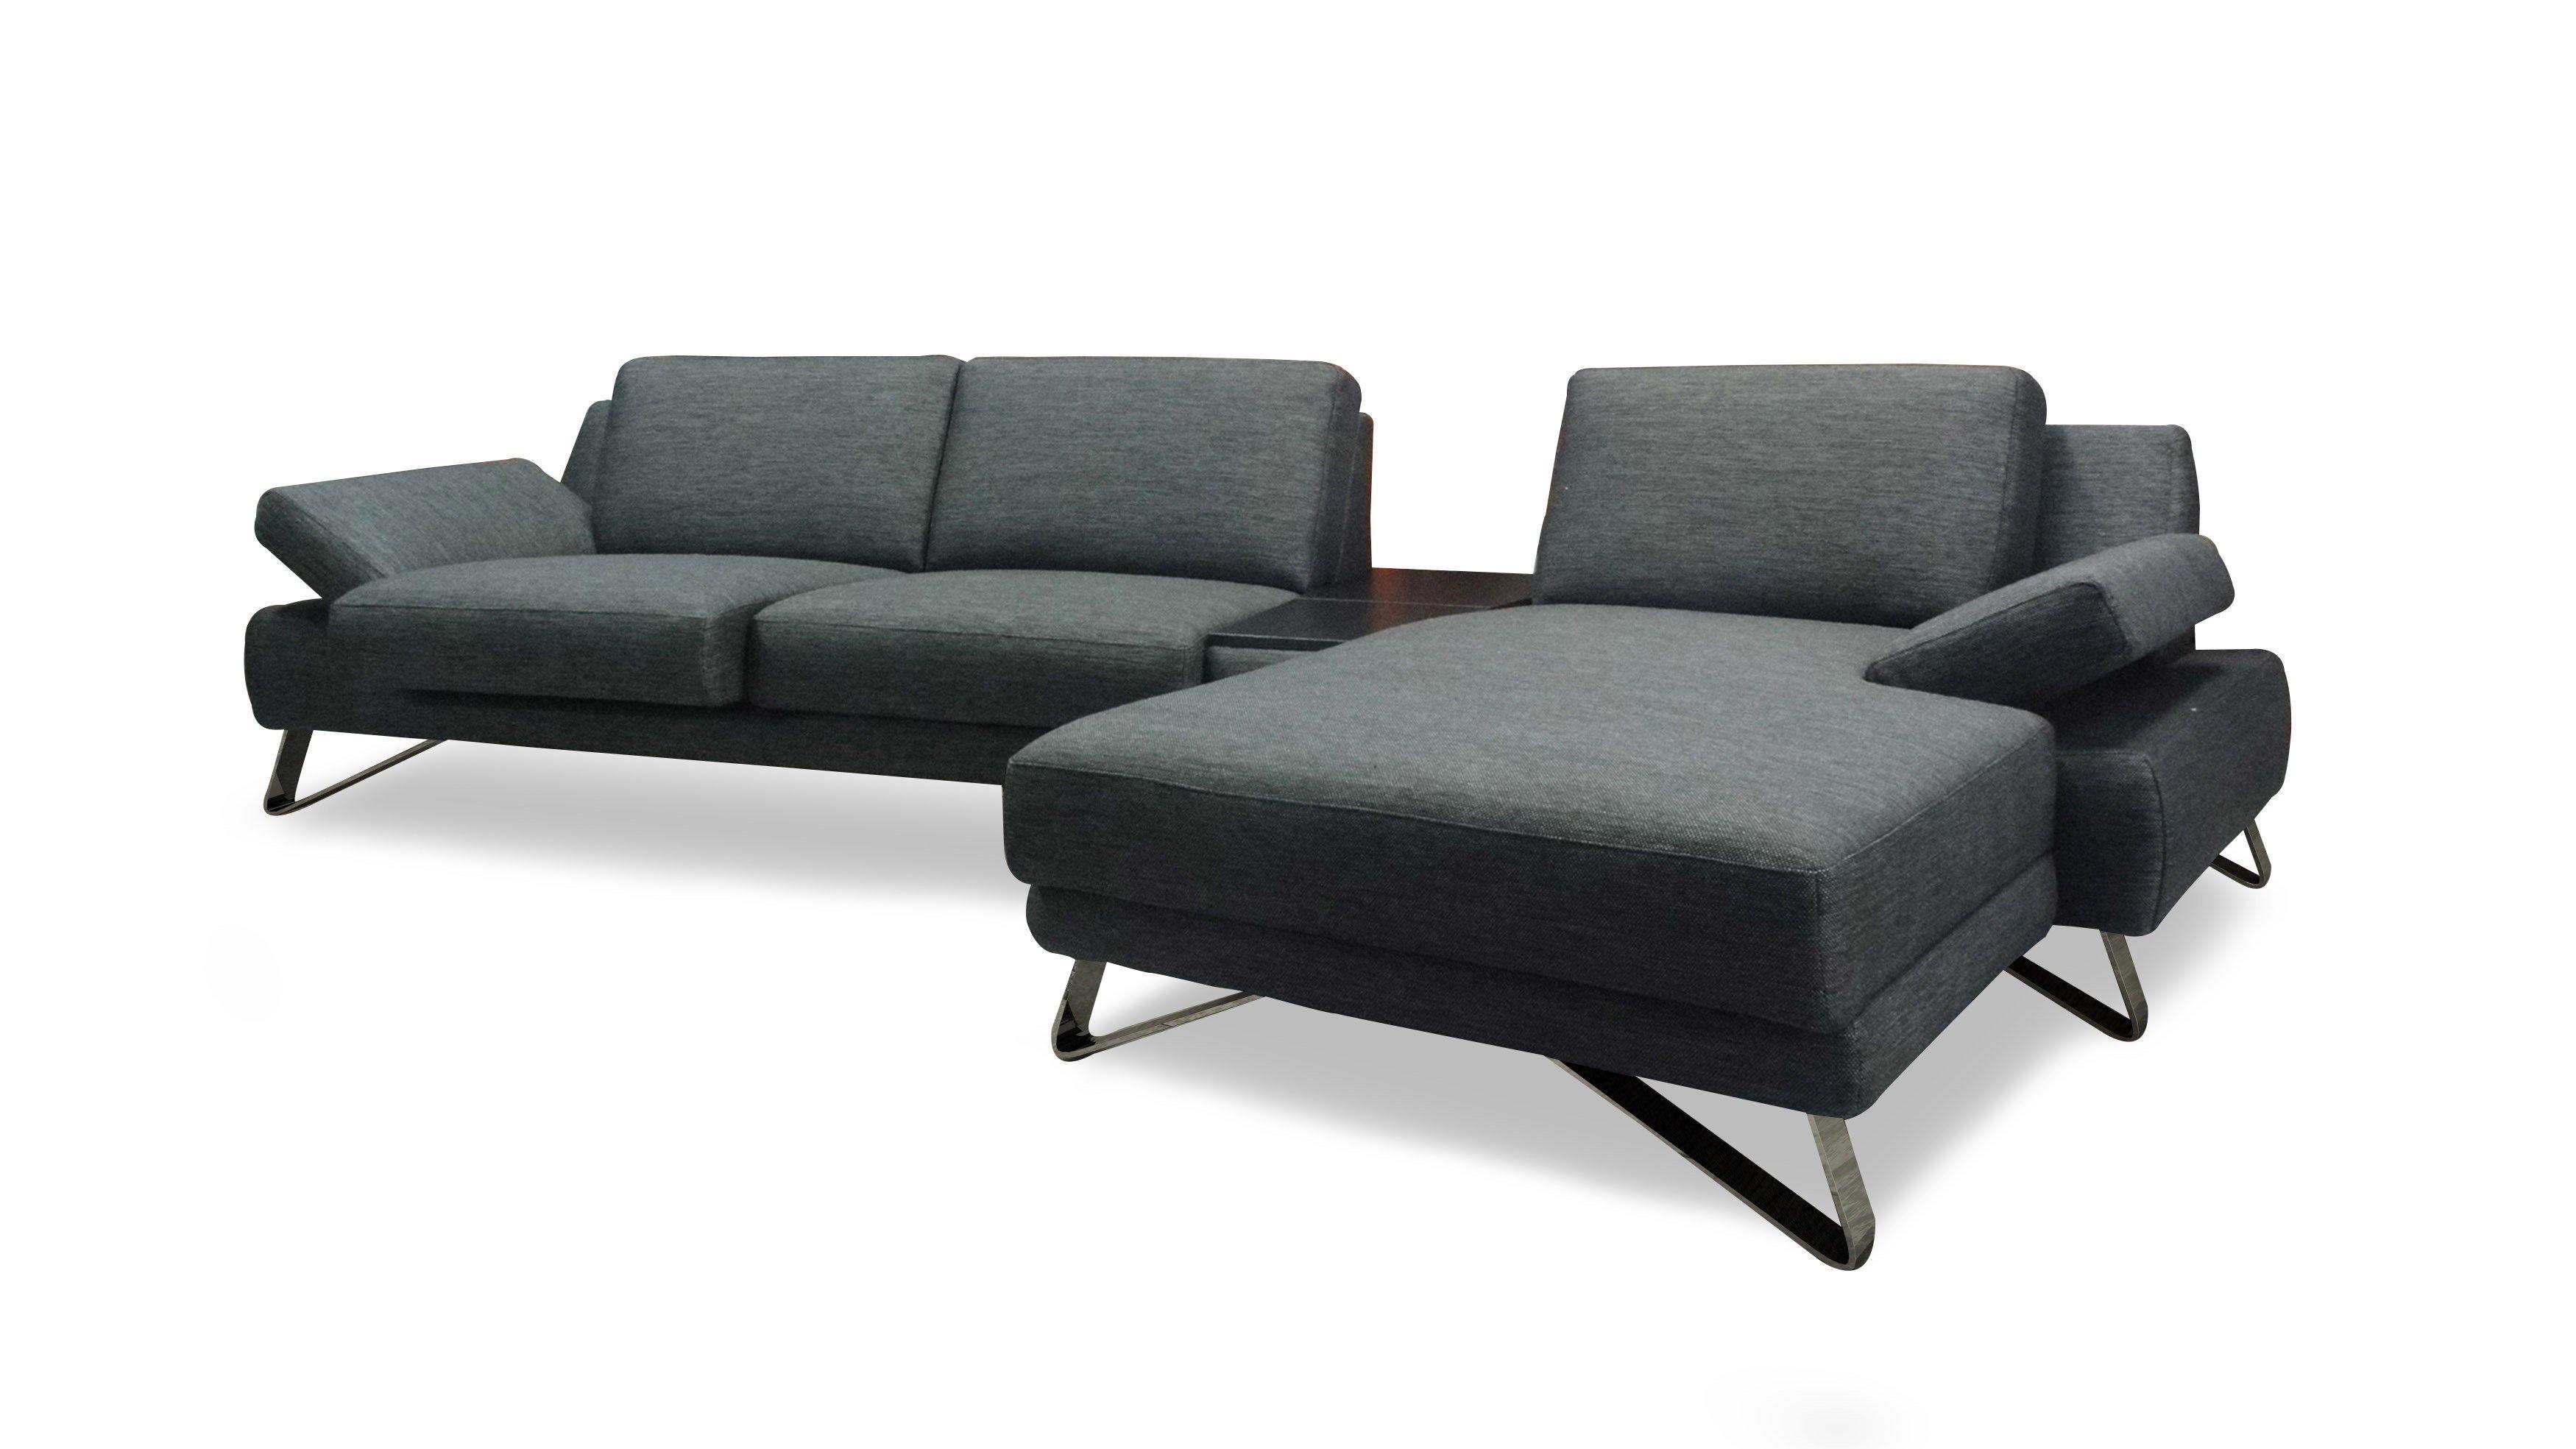 Eckcouch grau  Dreisitz Design Finest Ecksofa in Grau | Möbel Letz - Ihr Online-Shop